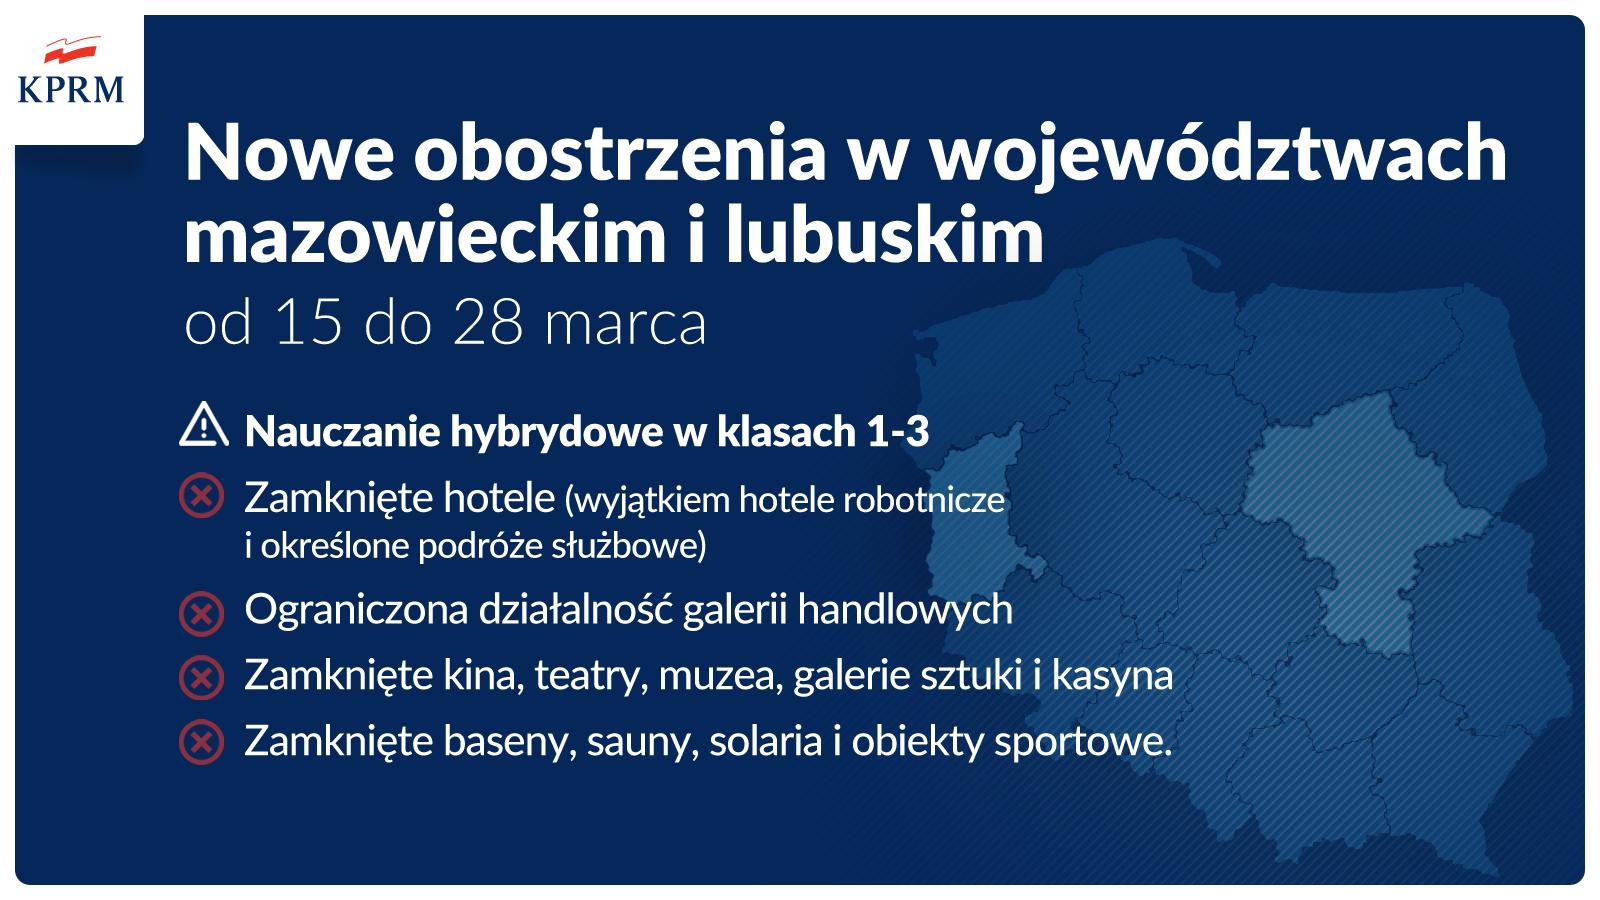 Ilustracja. Od 15 marca Mazowsze dołączy do regionów z zaostrzonymi zasadami bezpieczeństwa